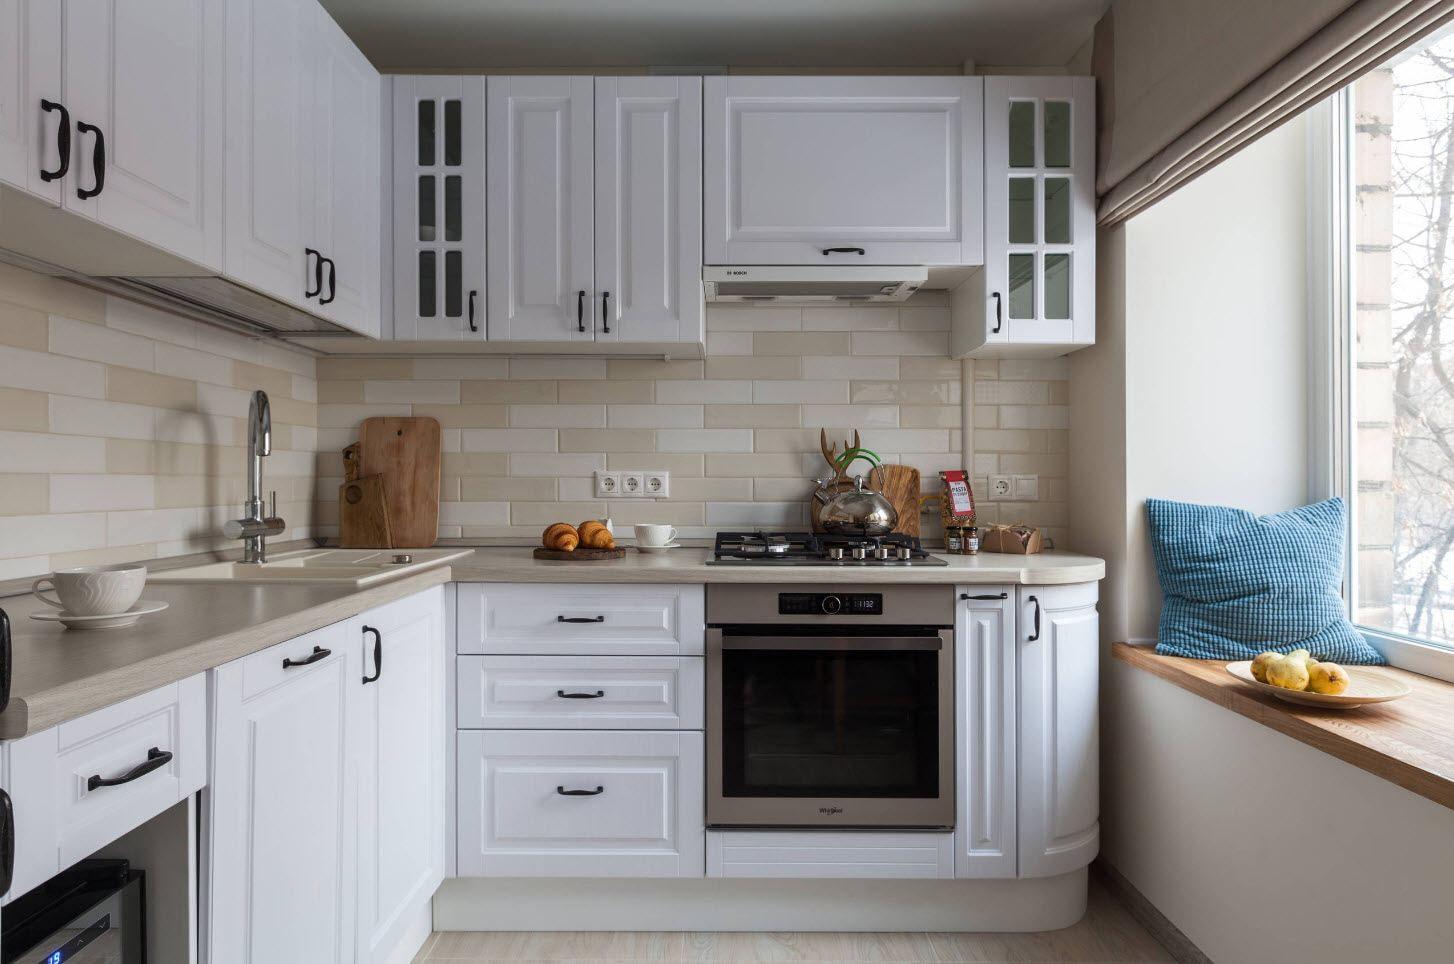 кухонный гарнитур с плитой